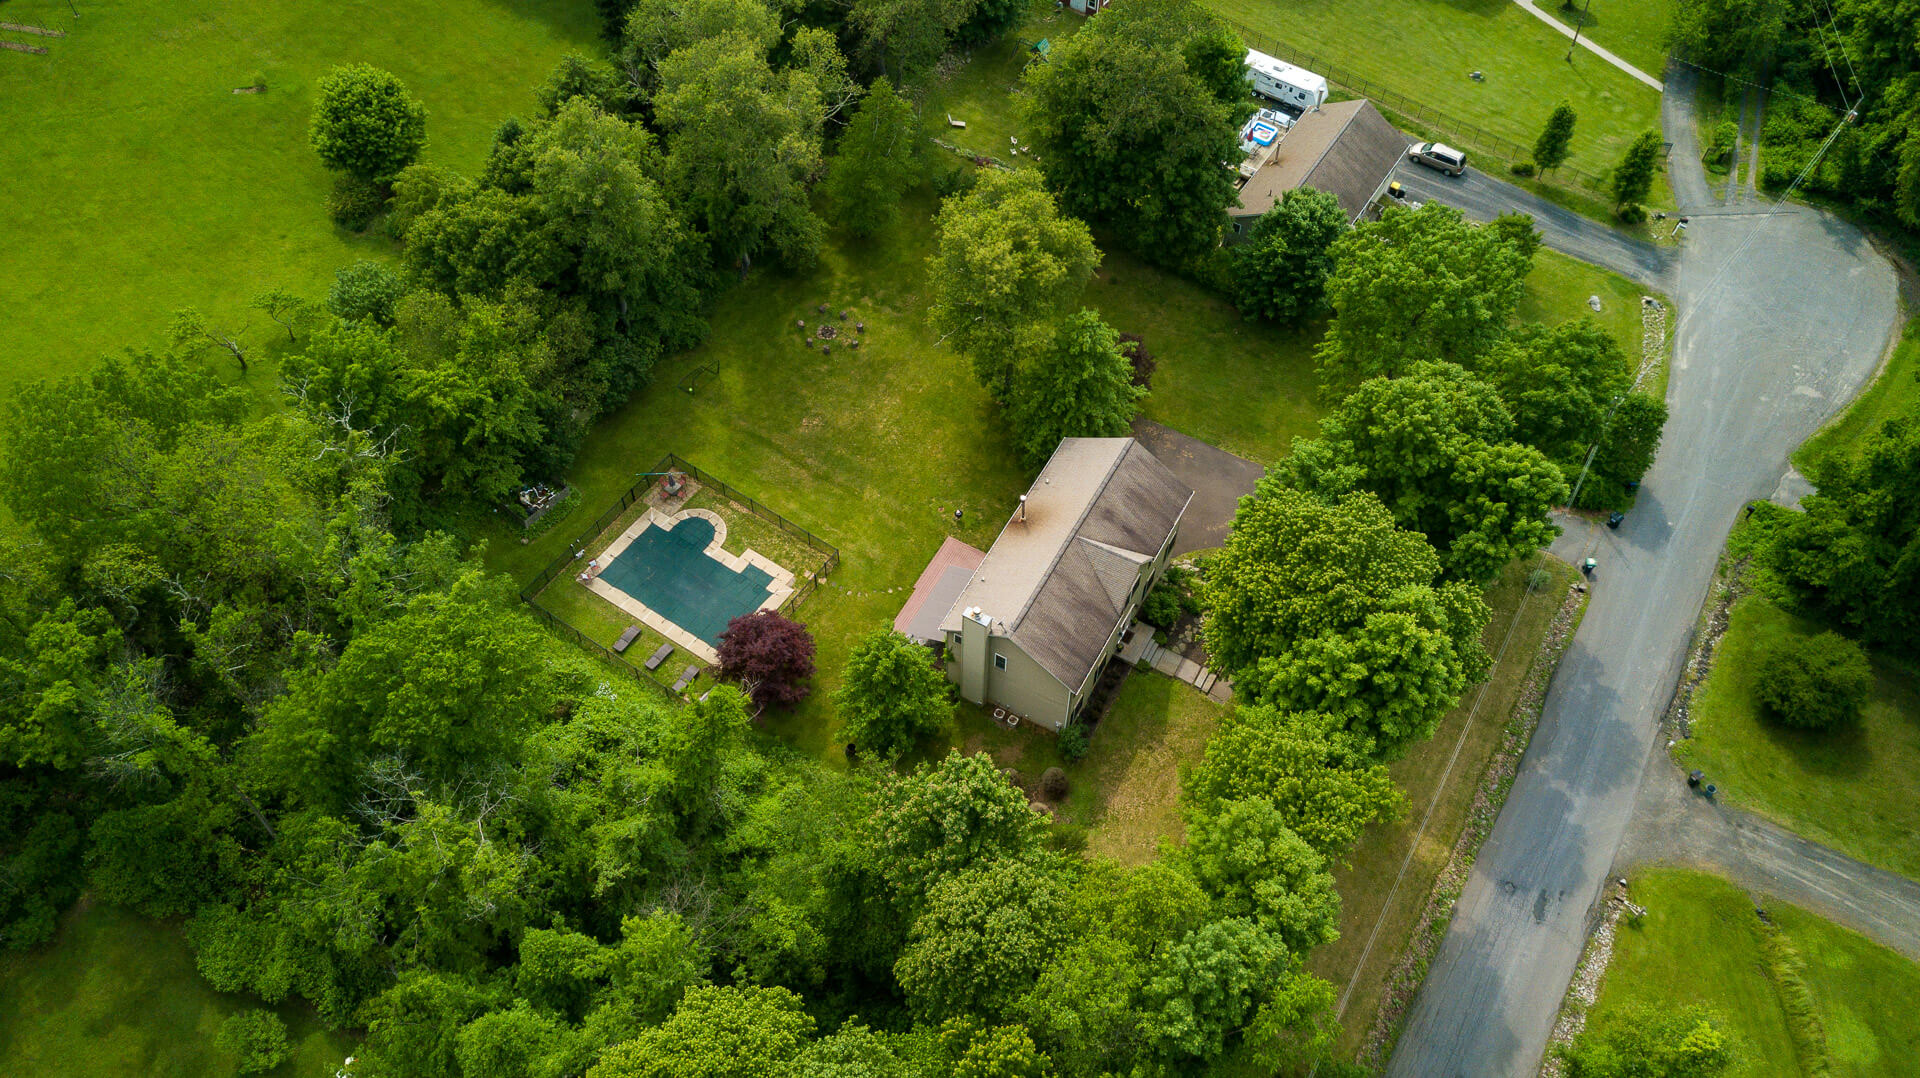 83 Duck Pond Road - Aerials-7.jpg